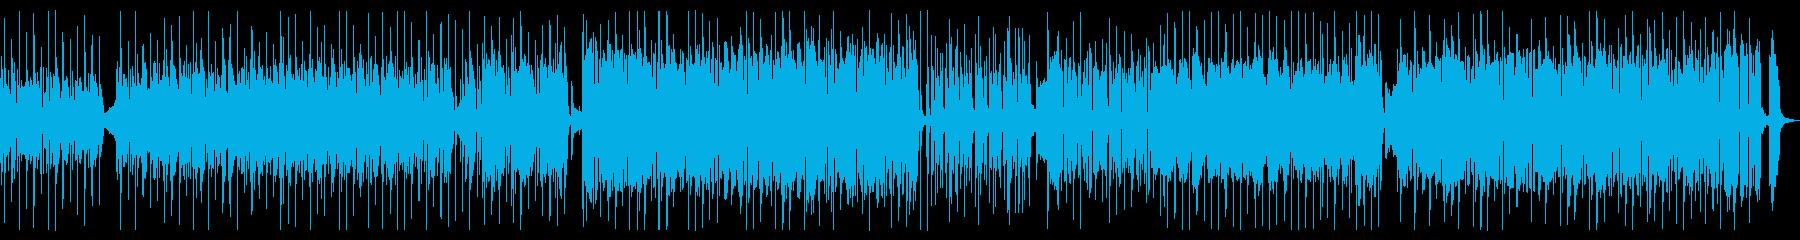 企業VPコーポレートCMおしゃれロック♪の再生済みの波形